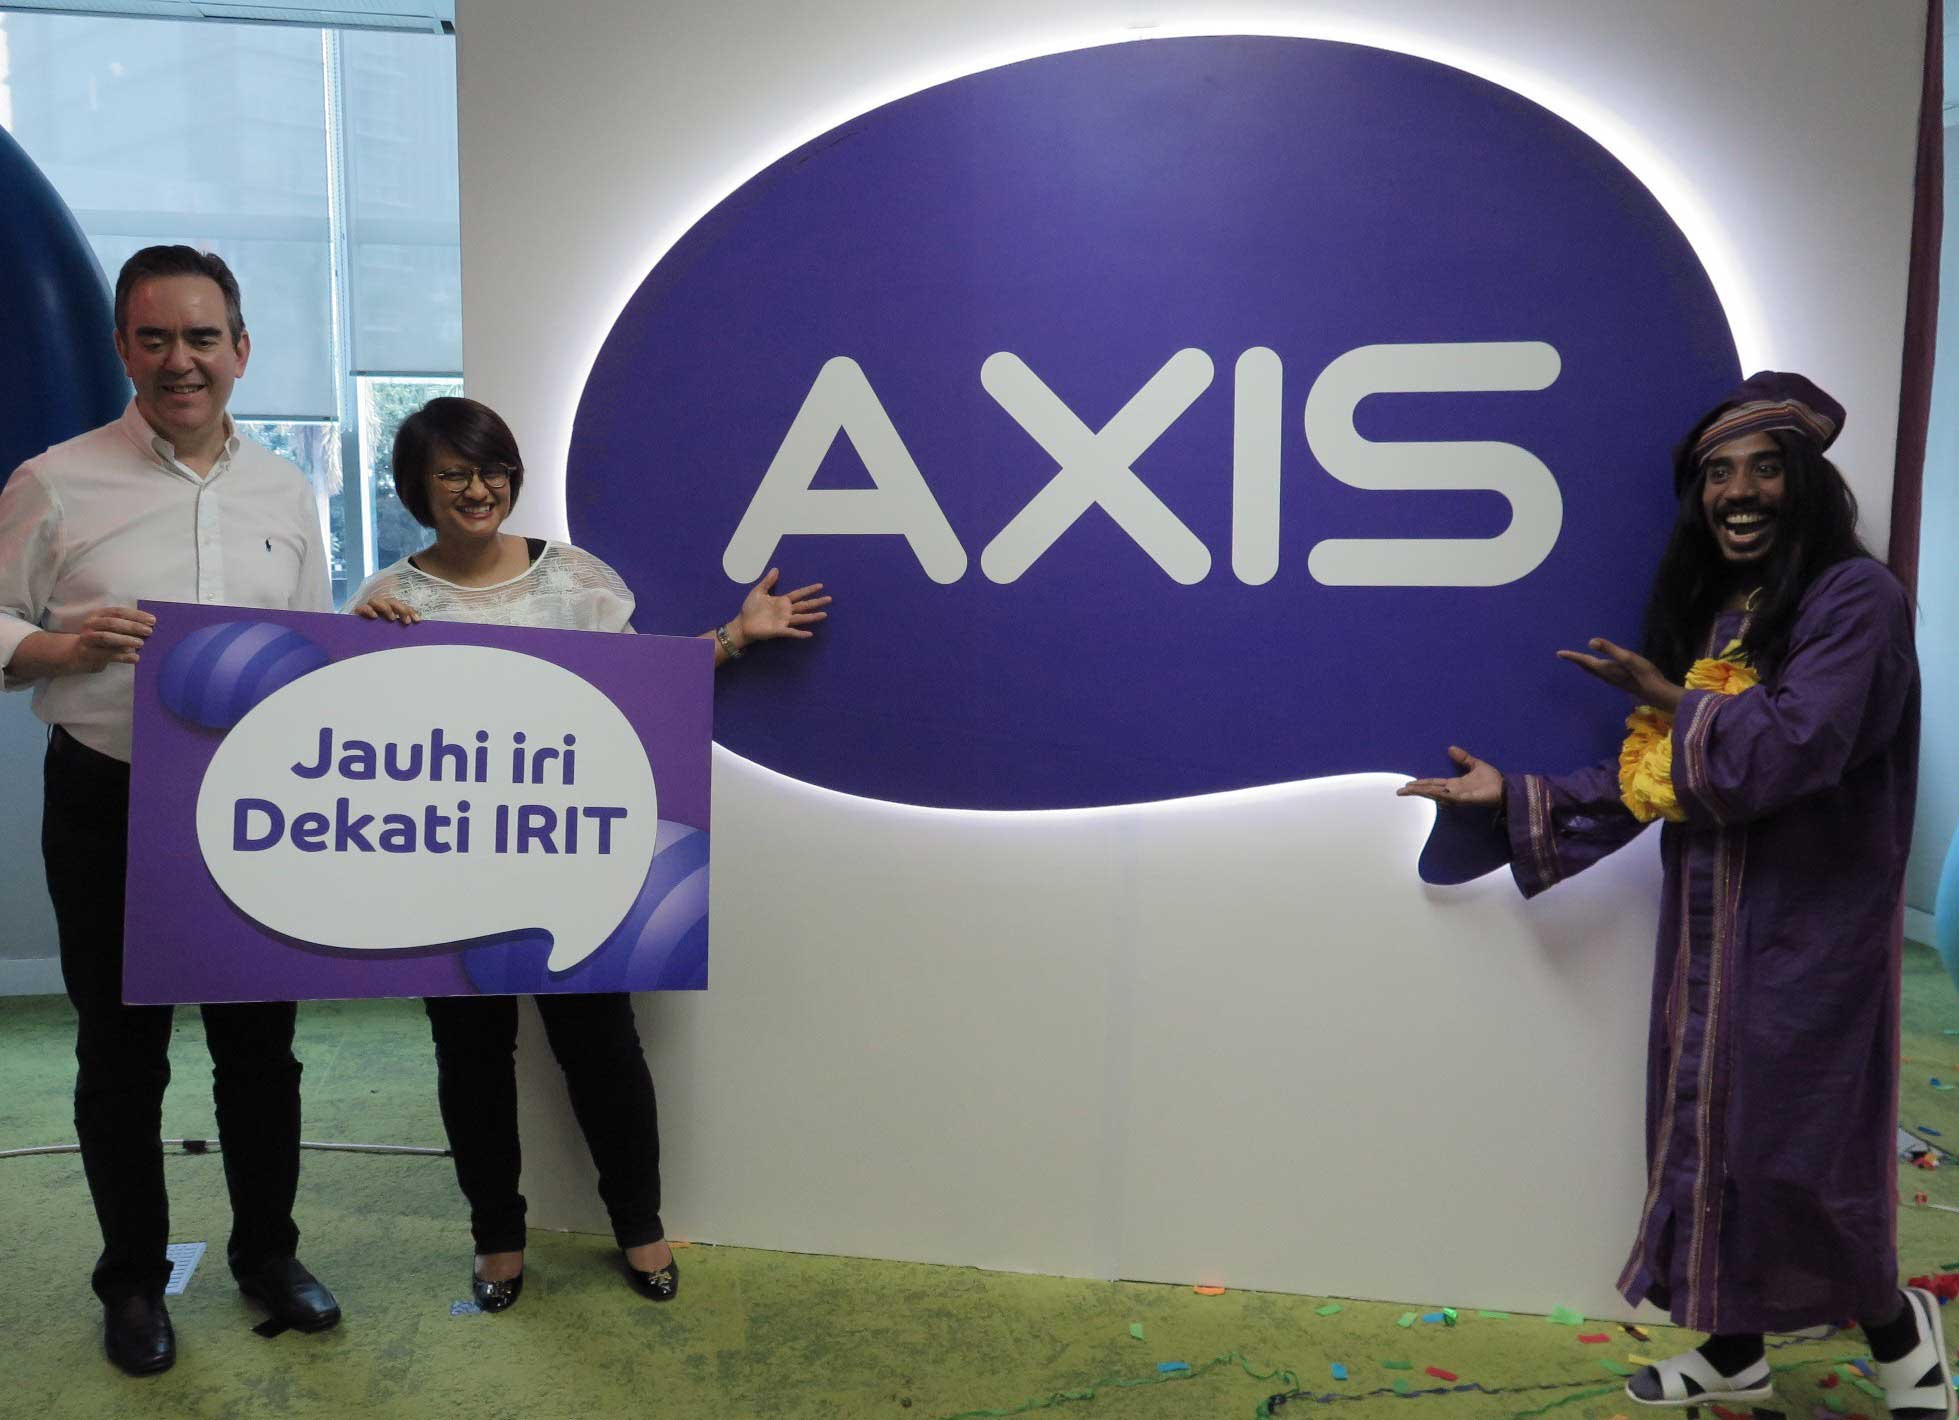 Hidup Hemat dengan AXIS Tarif Irit